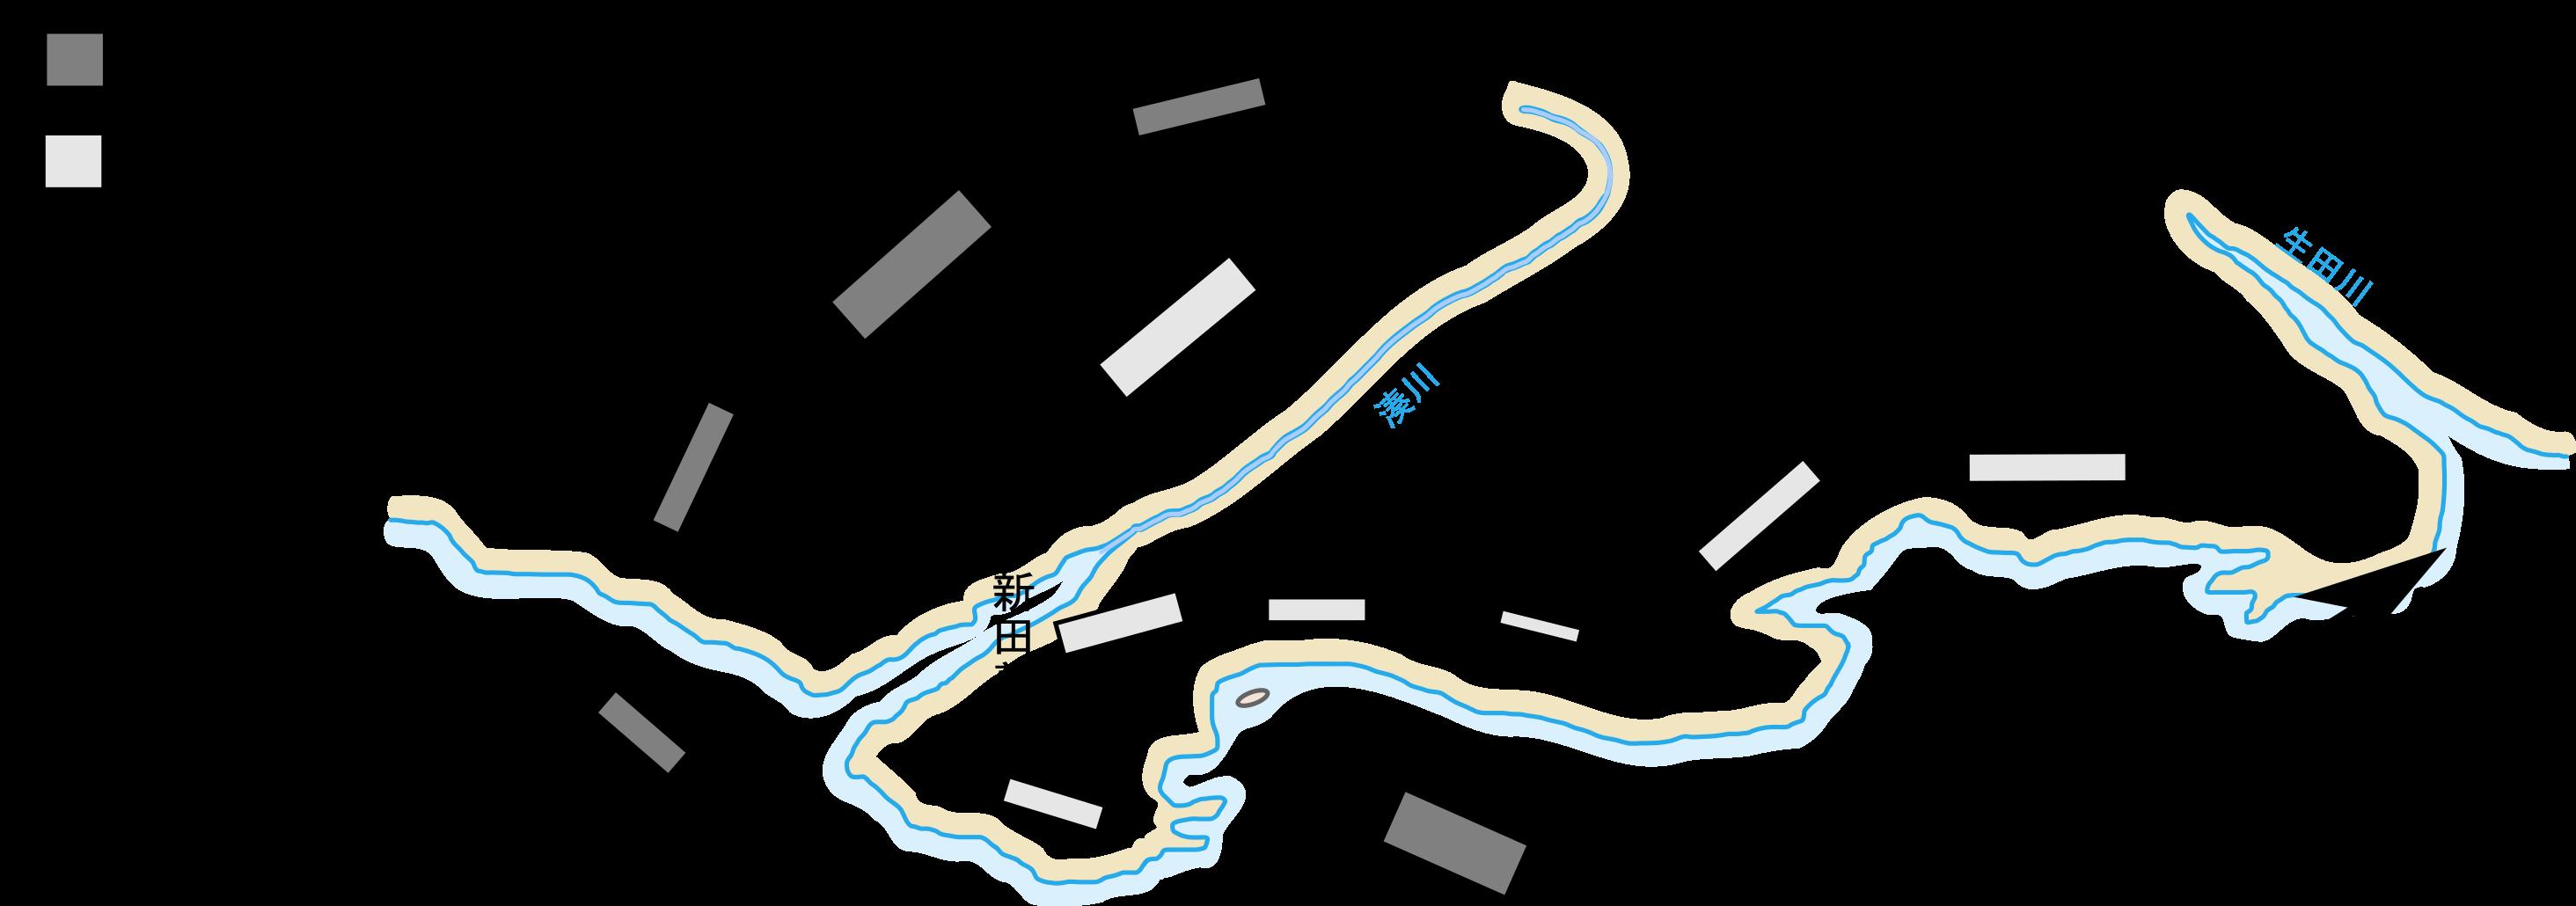 「湊川の戦い」の布陣図